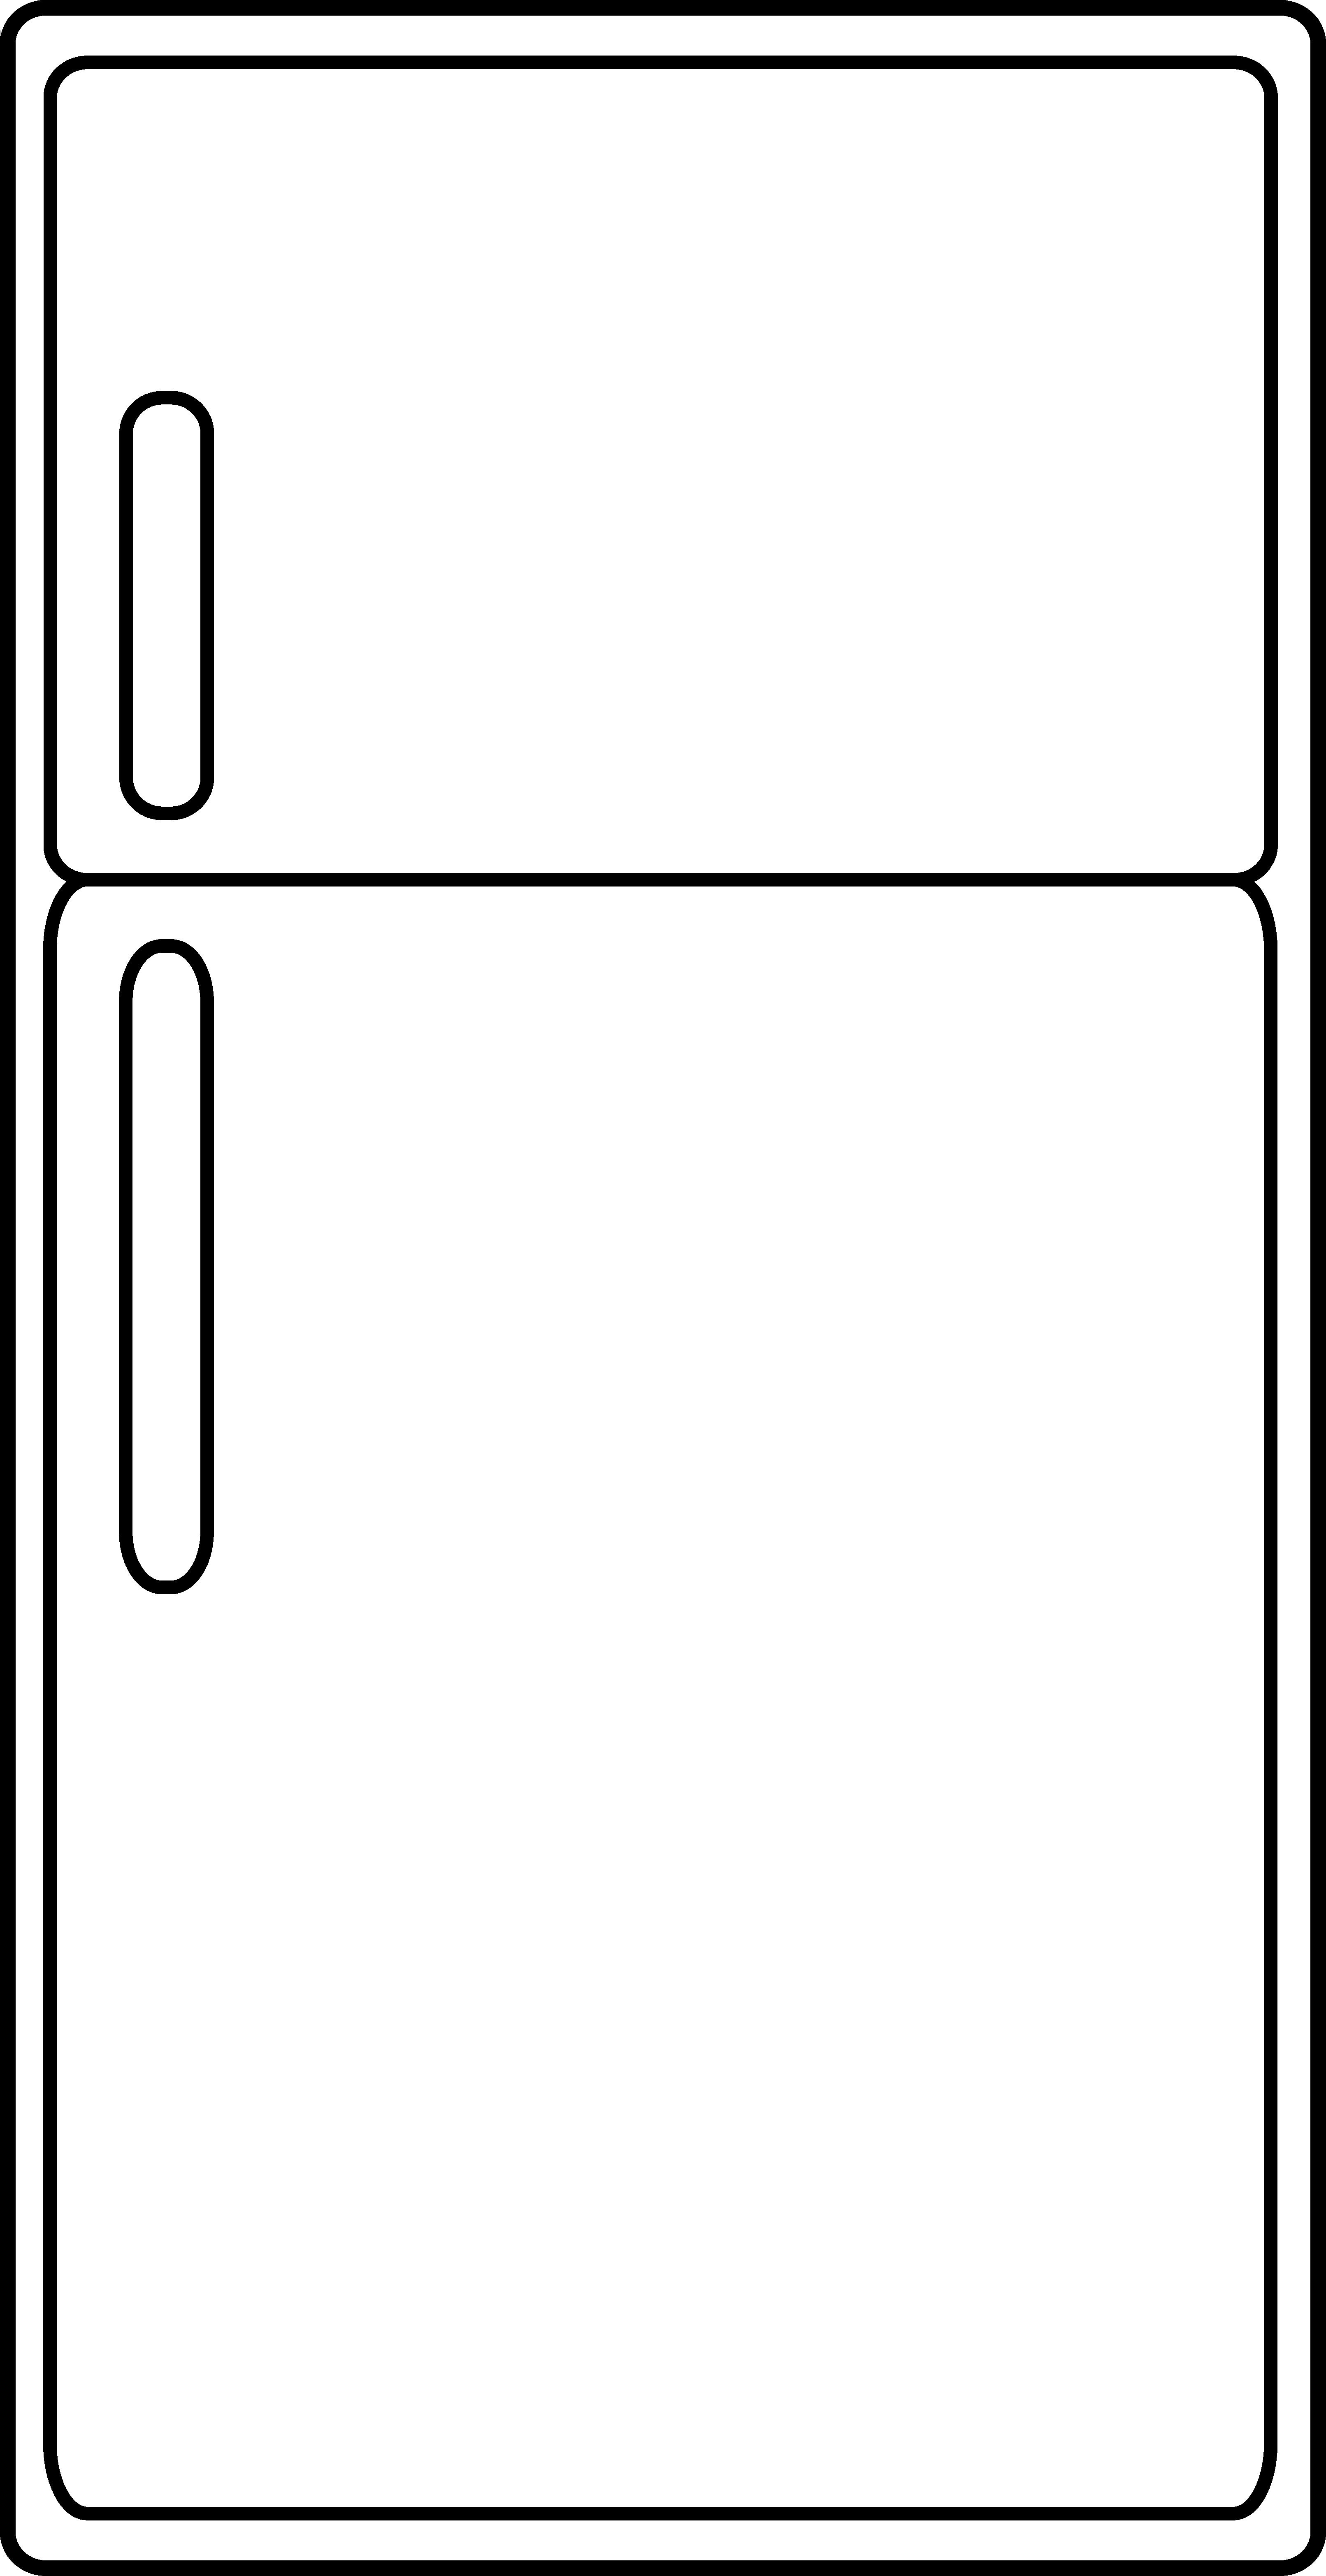 Refrigerator Clipart Refrigerator Outline Image